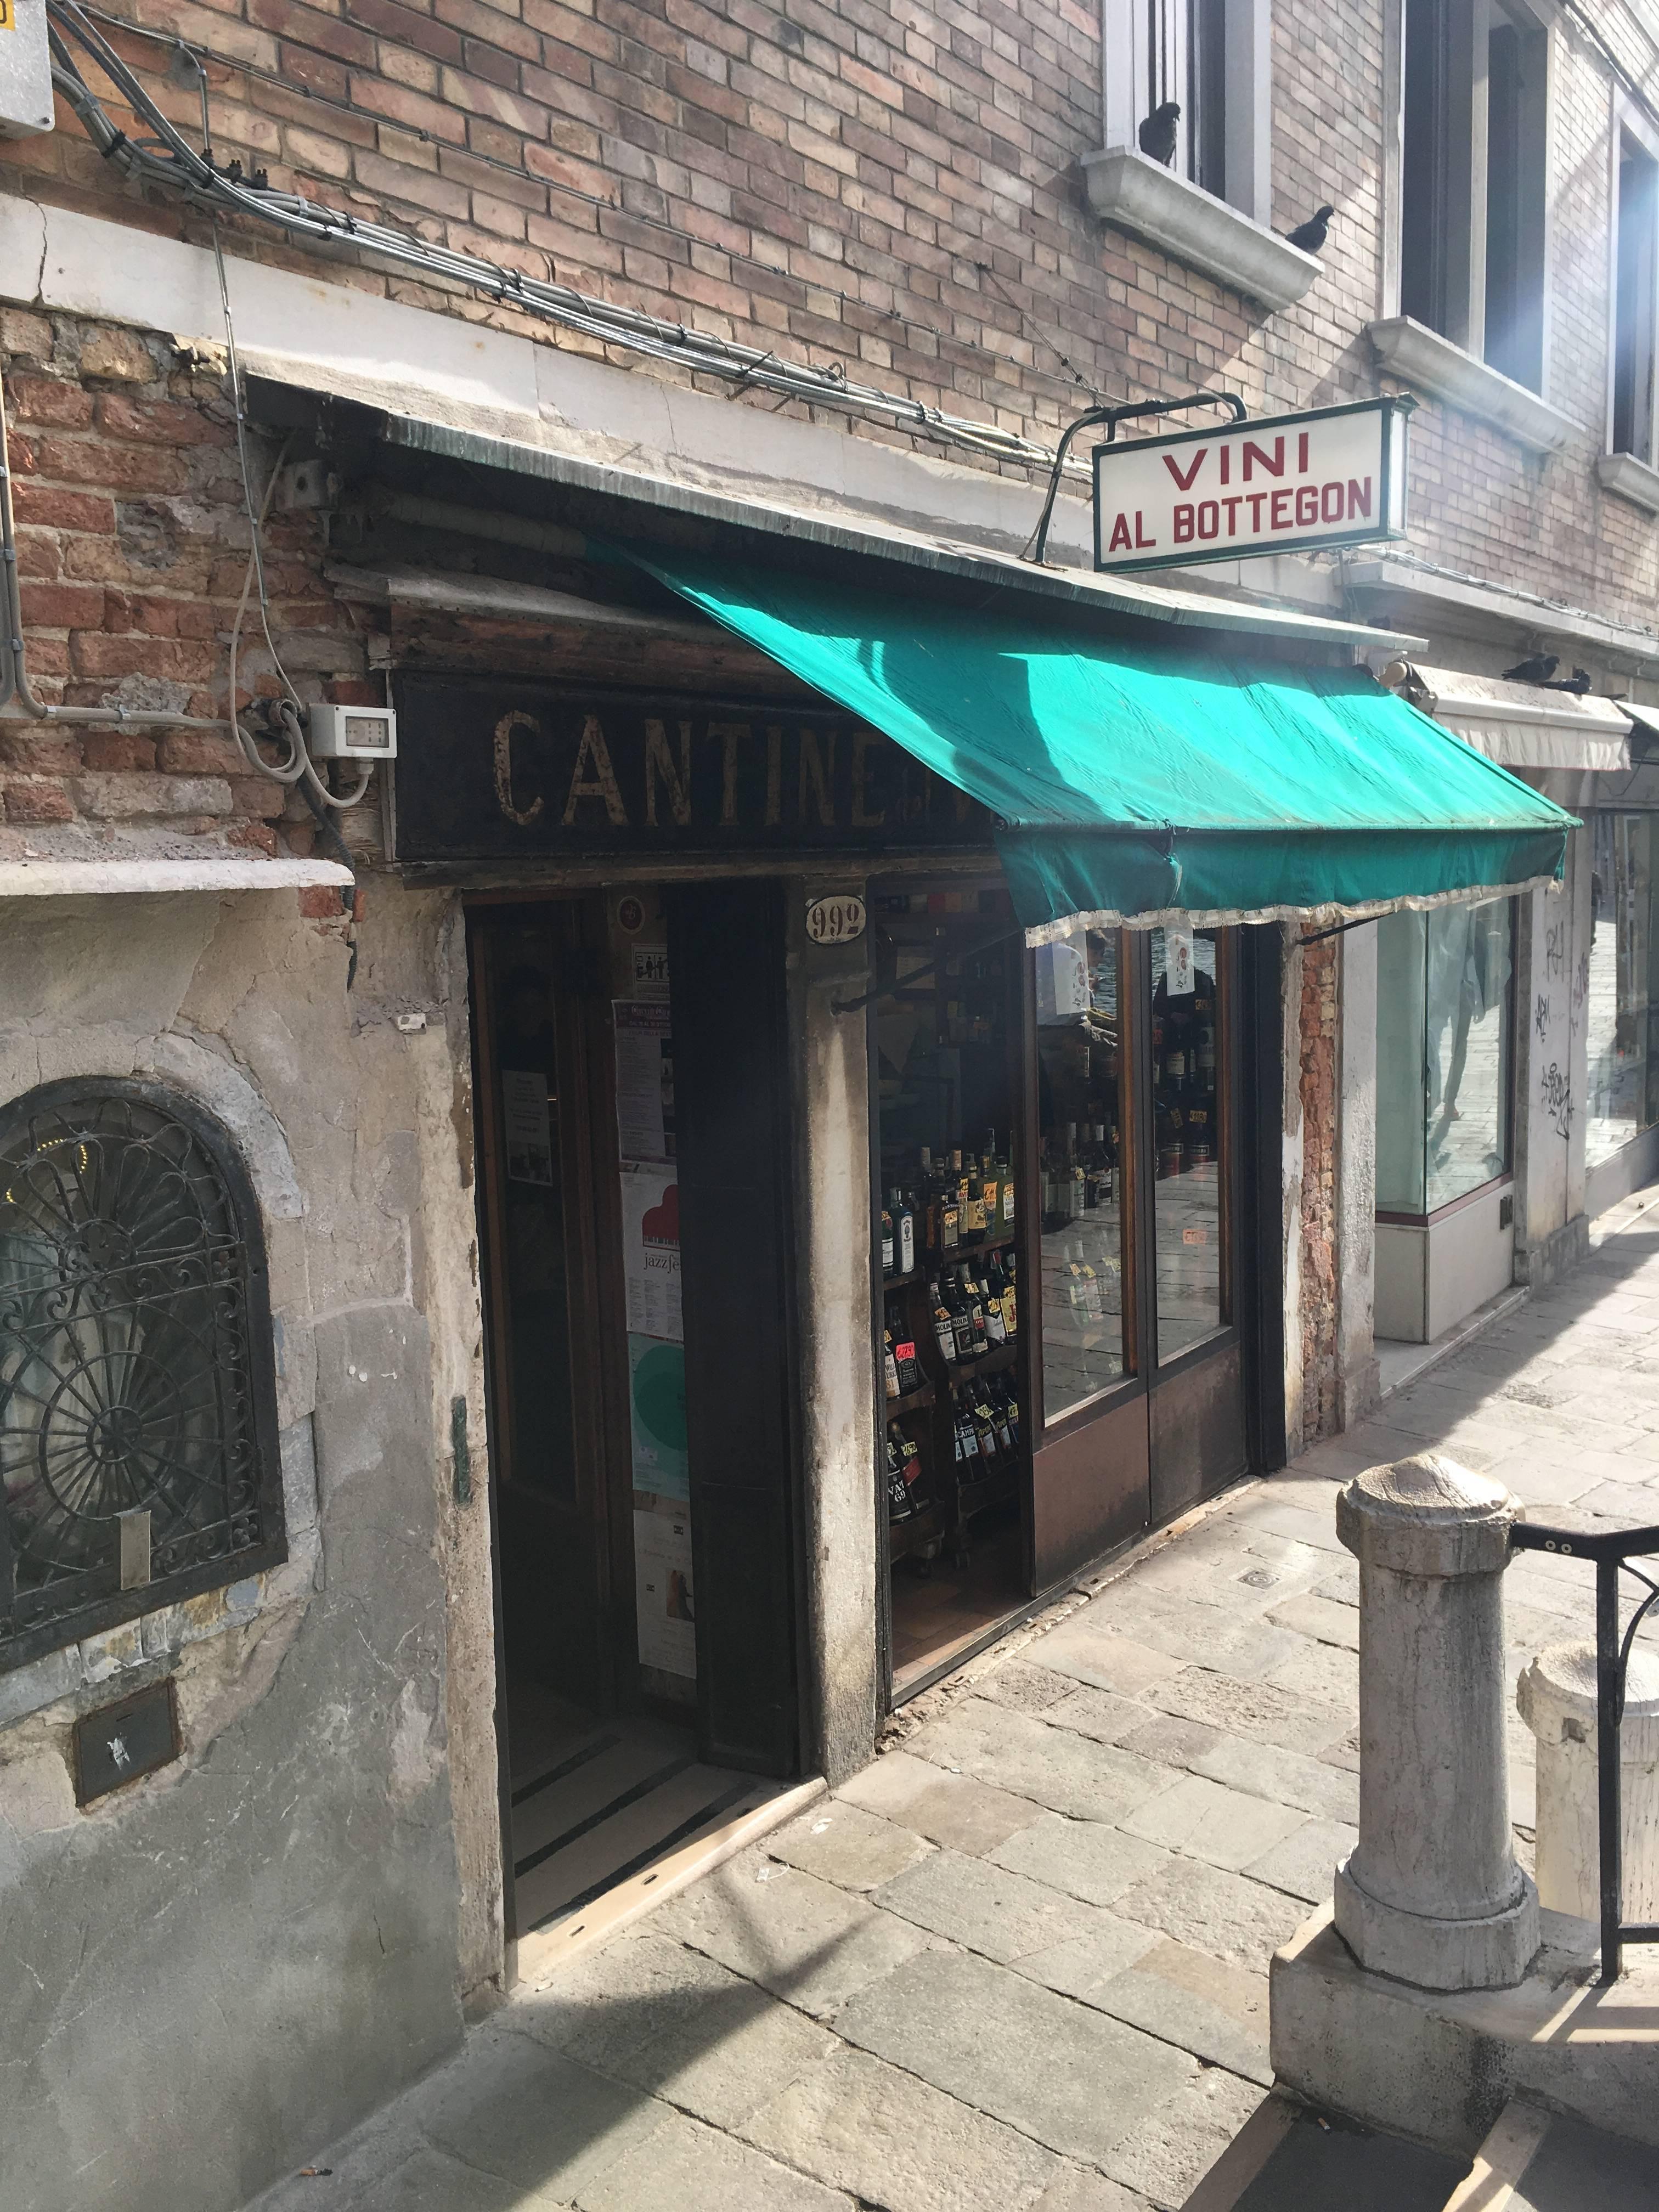 Photo 1: Petite cantine dans le quartier de Dorsoduro à Venise : Cantine del Vino già Schiavi